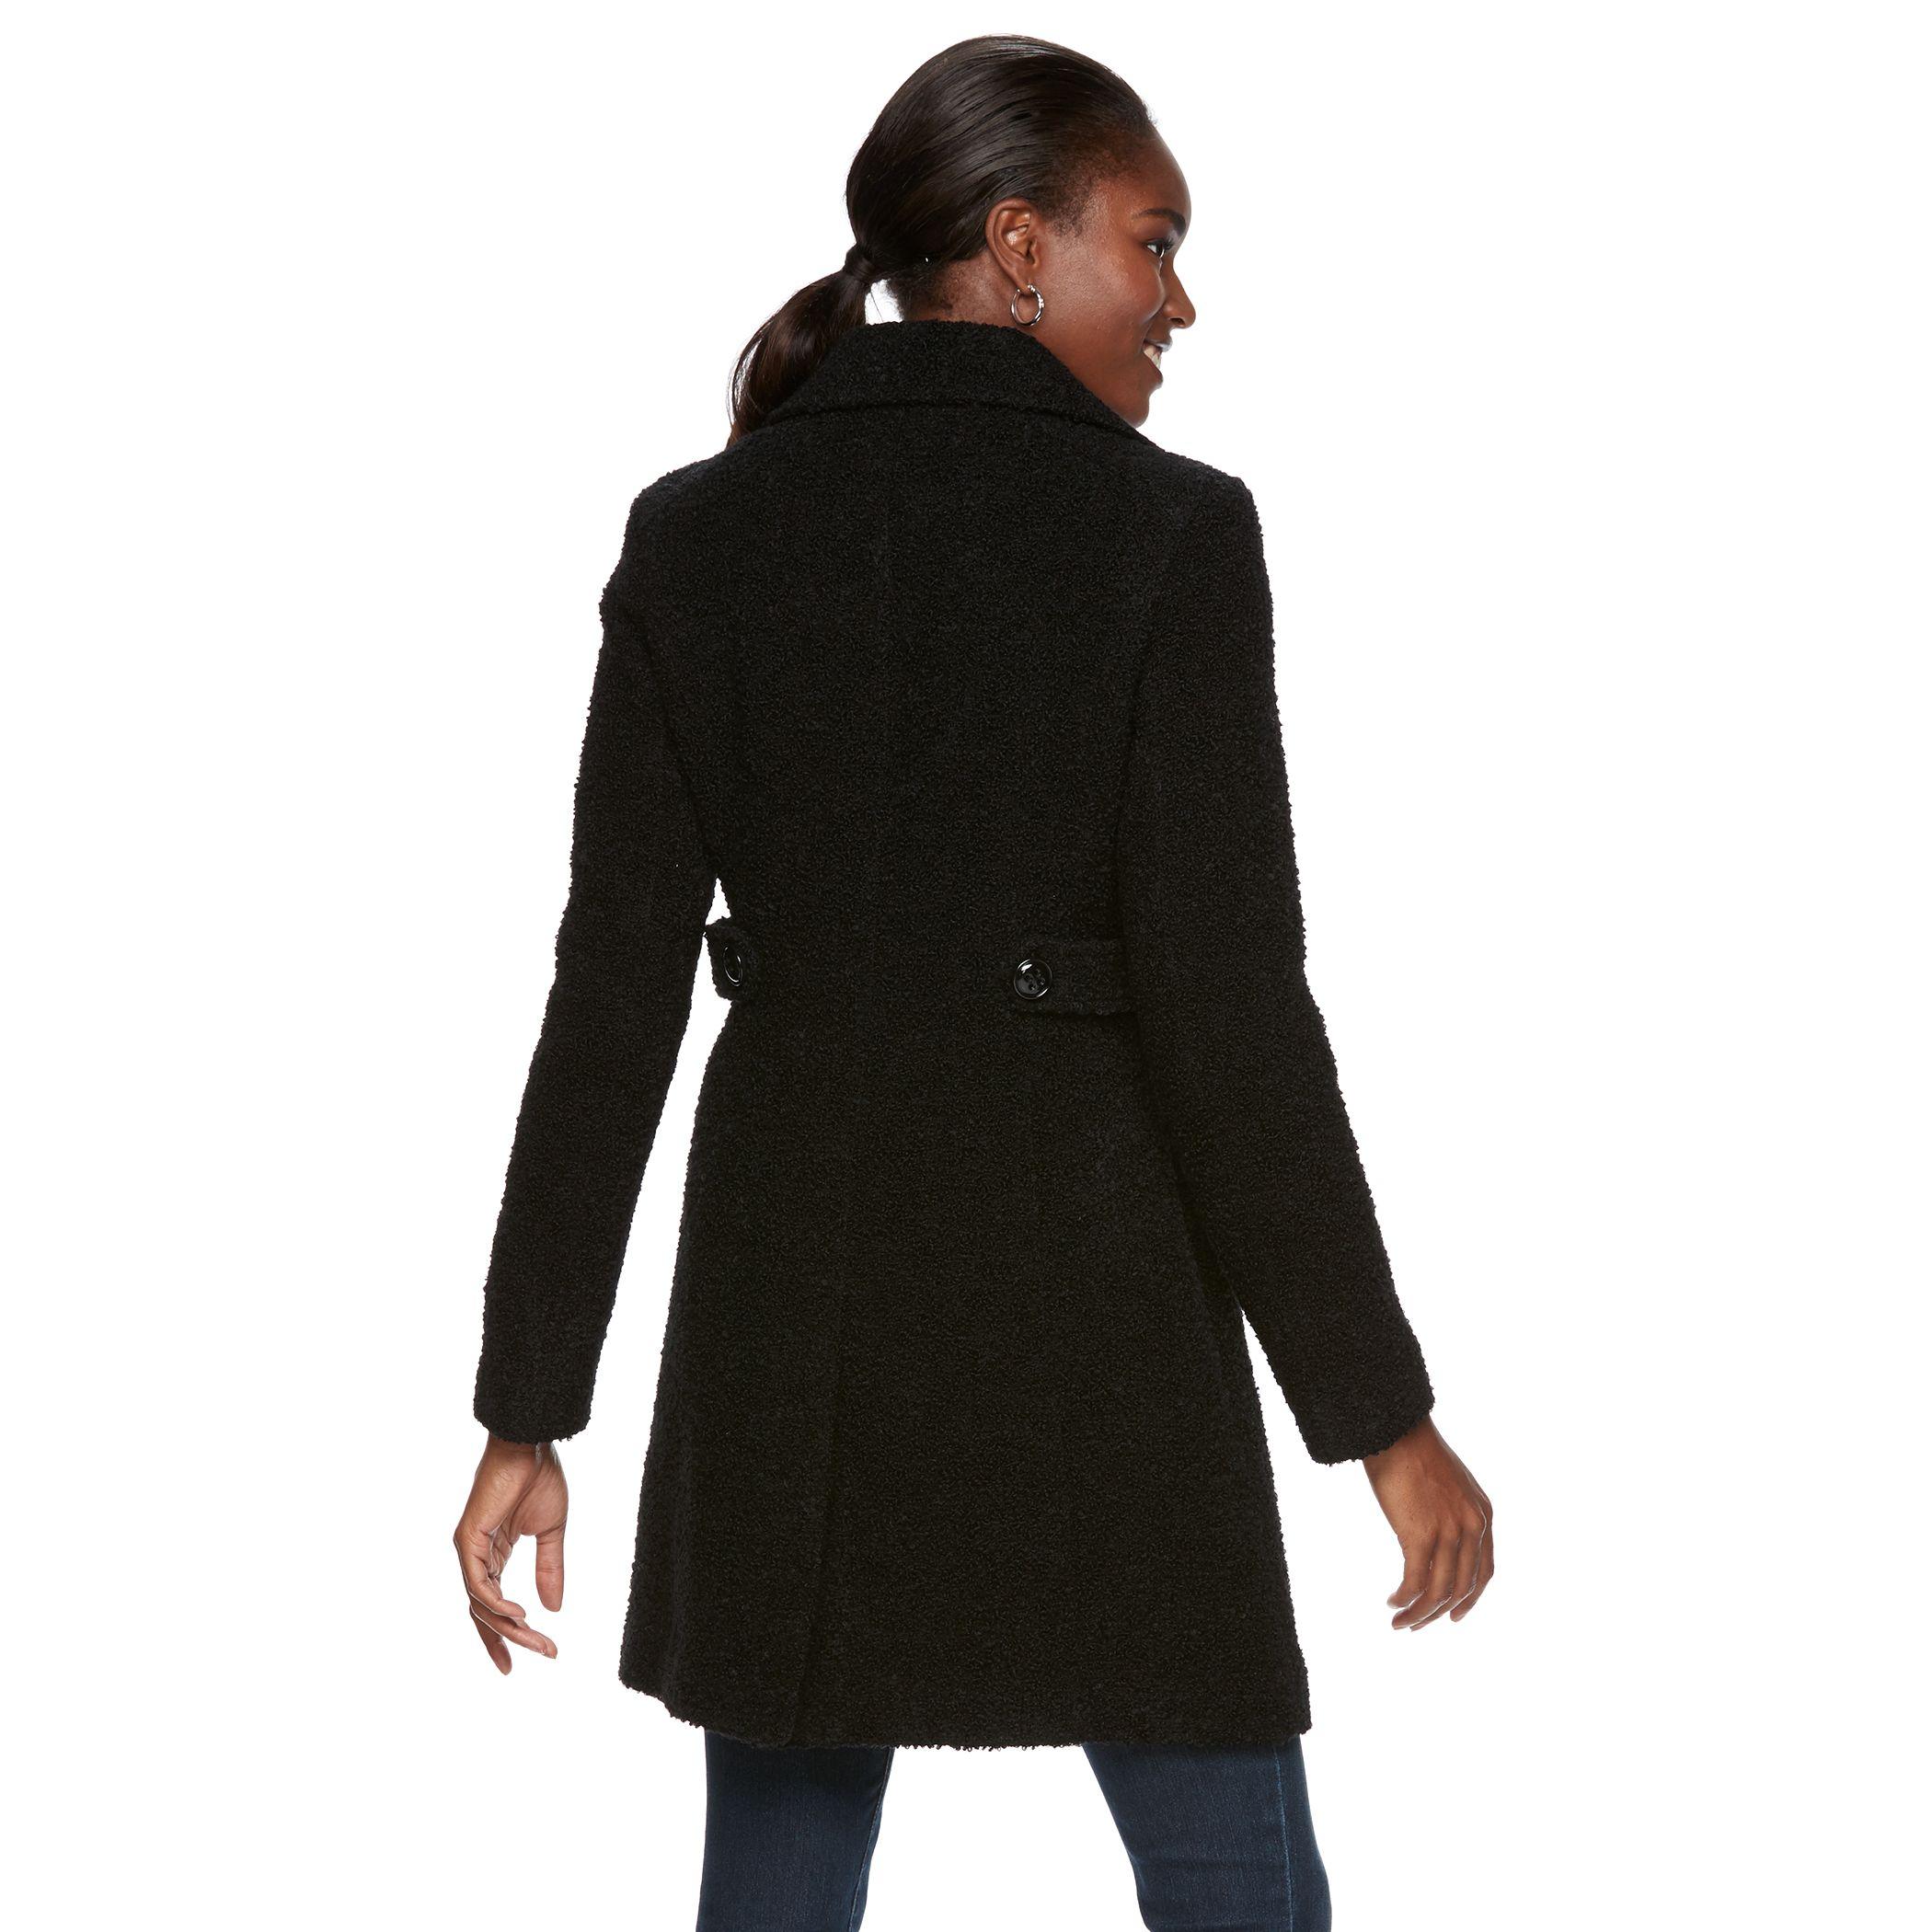 front in waterproof product barn womens calyn jacket jackets s the barns women old regatta fleece